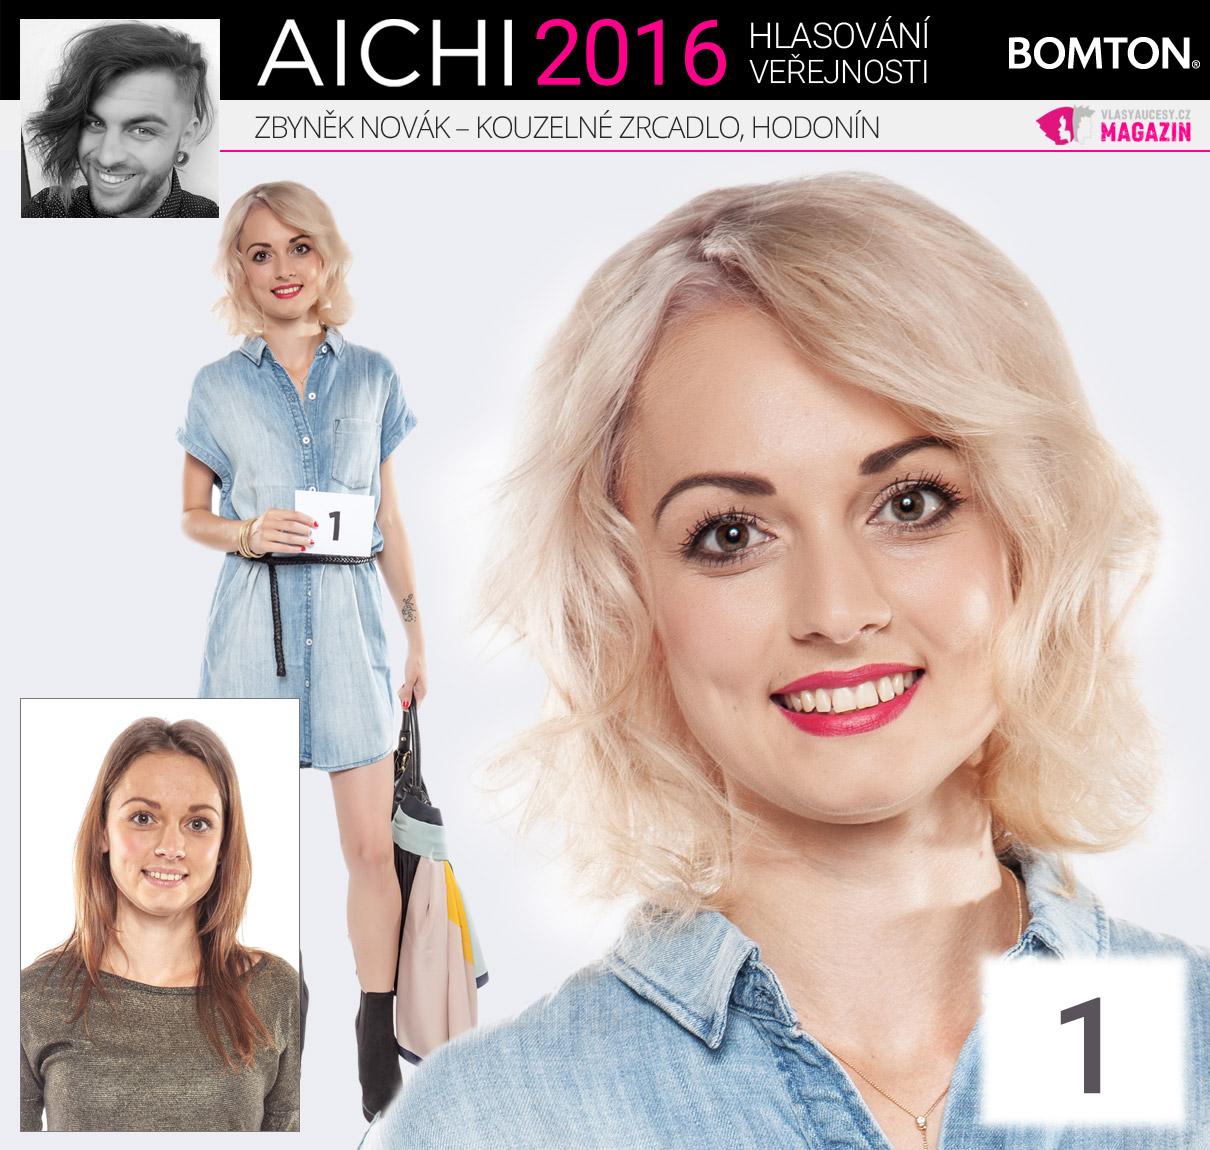 Finálová proměna AICHI 2016: Zbyněk Novák, kadeřnictví Kouzelné zrcadlo, Hodonín